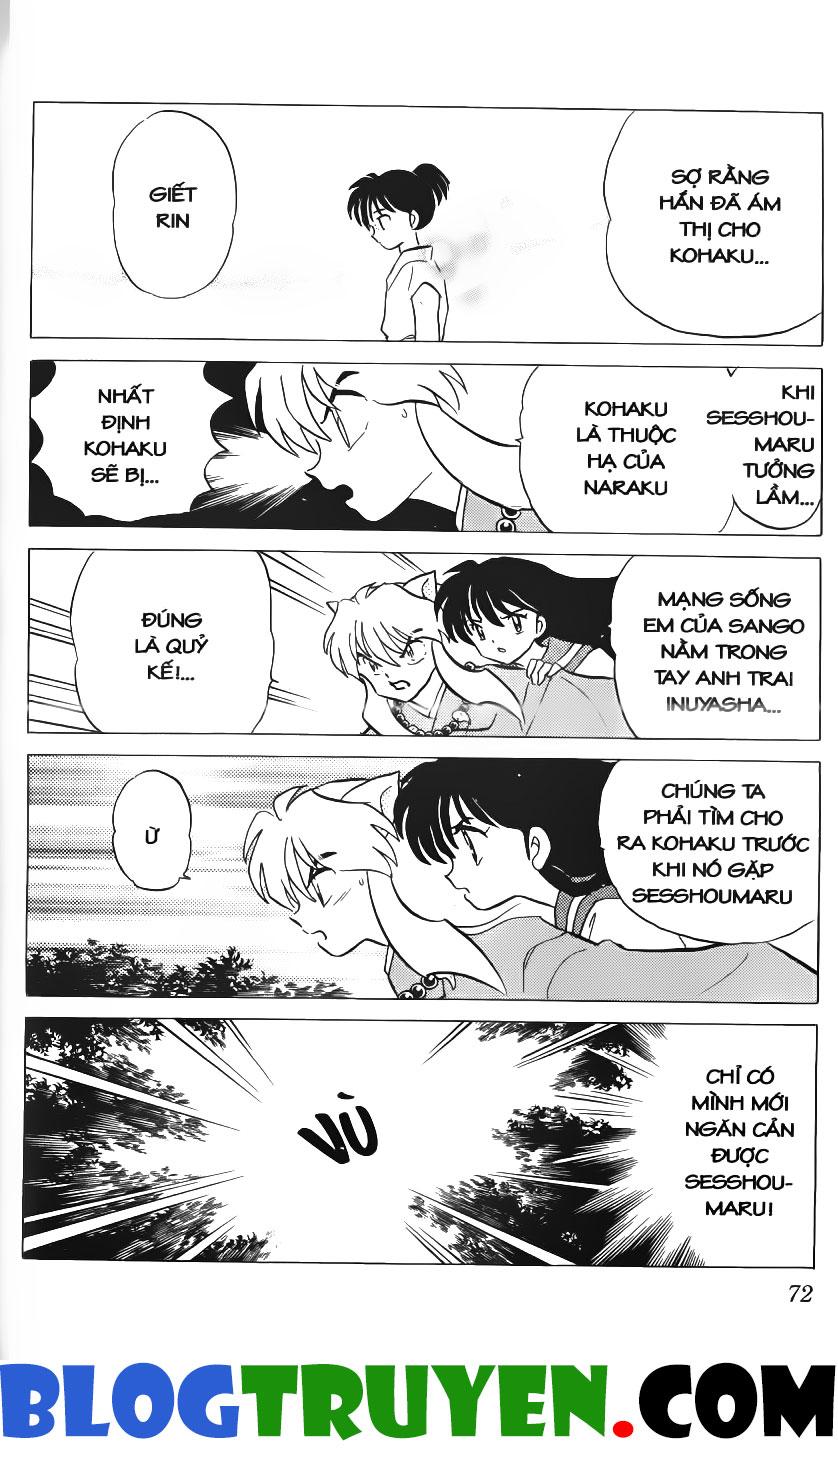 Inuyasha vol 23.4 trang 15